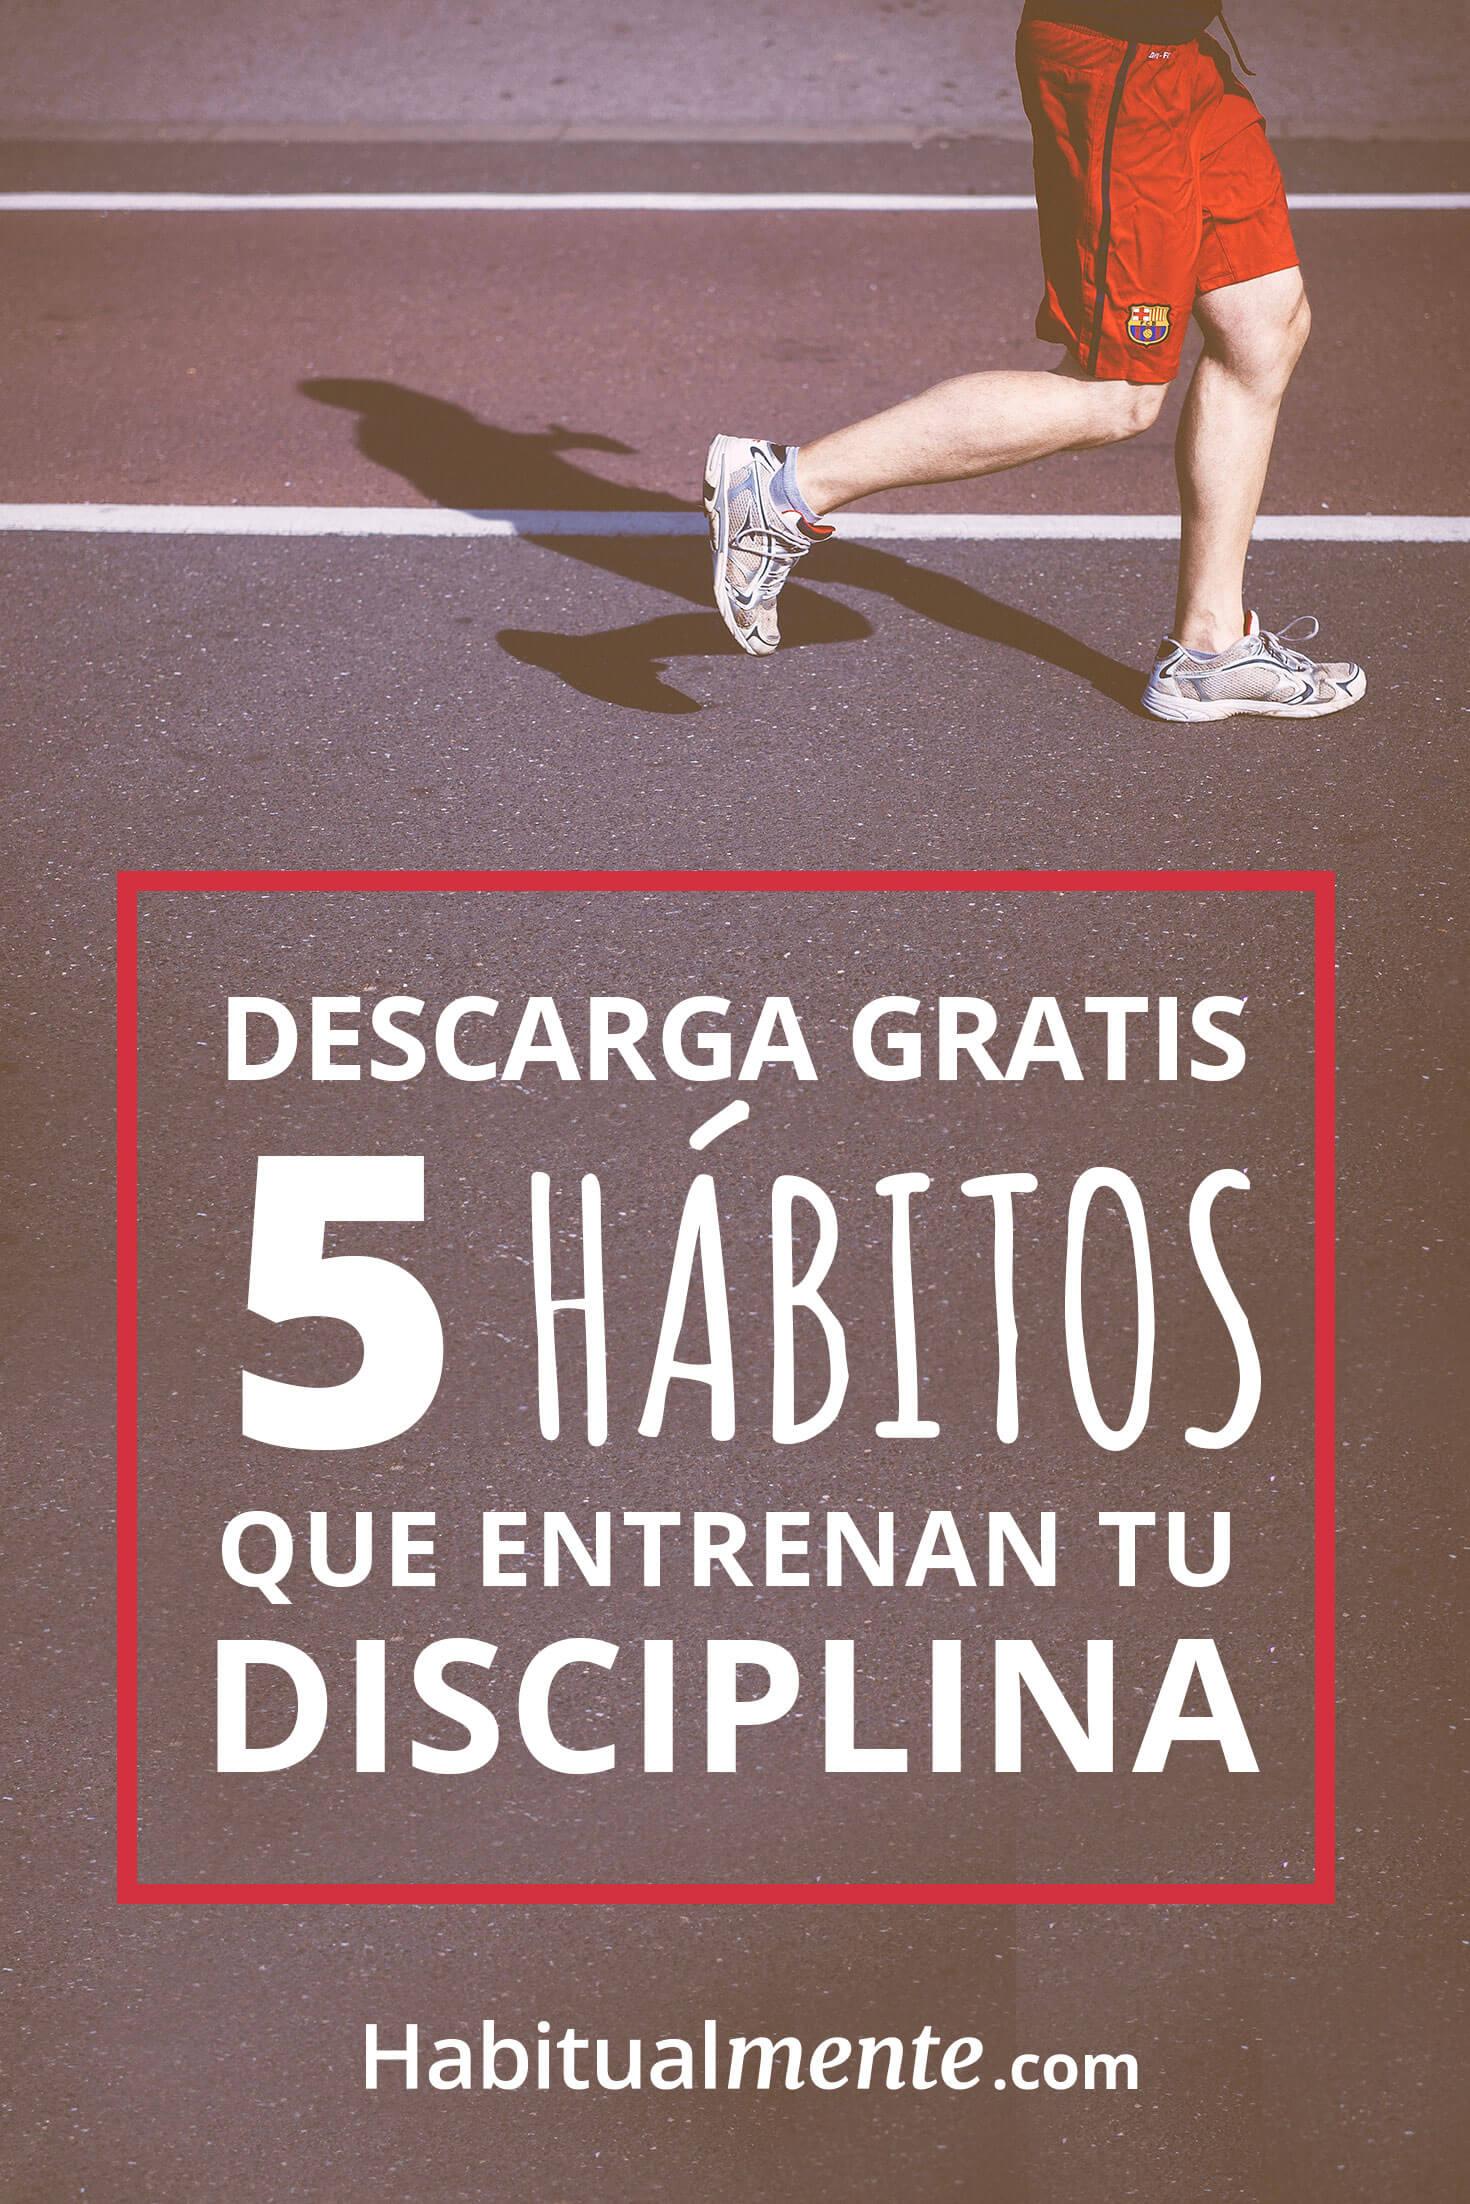 Las 3 acciones cotidianas para ser más disciplinado be71ddee8dc2